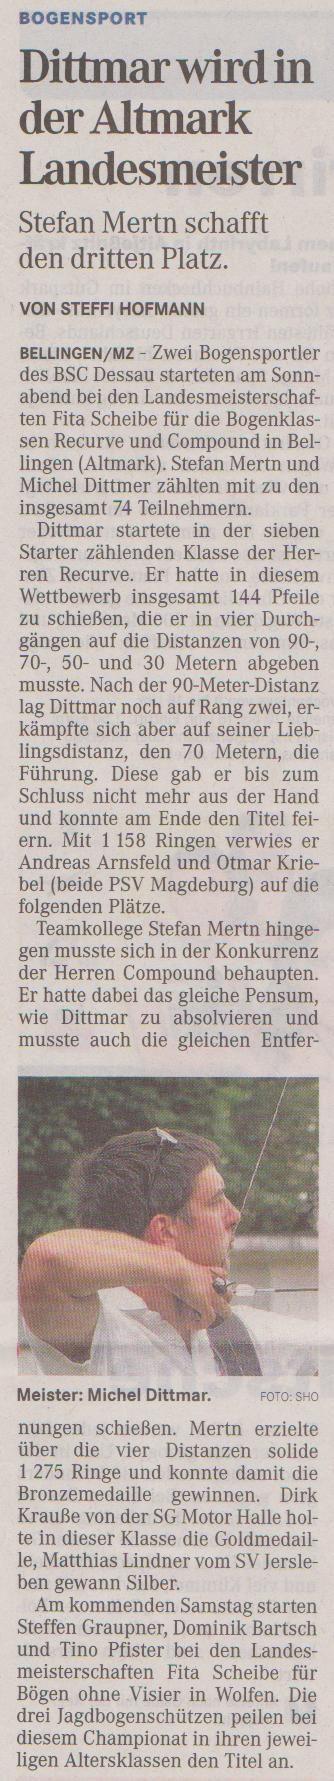 Landesmeisterschaft Fita Scheibe für Recurve und Compound – Mitteldeutsche Zeitung vom 04.07.2012